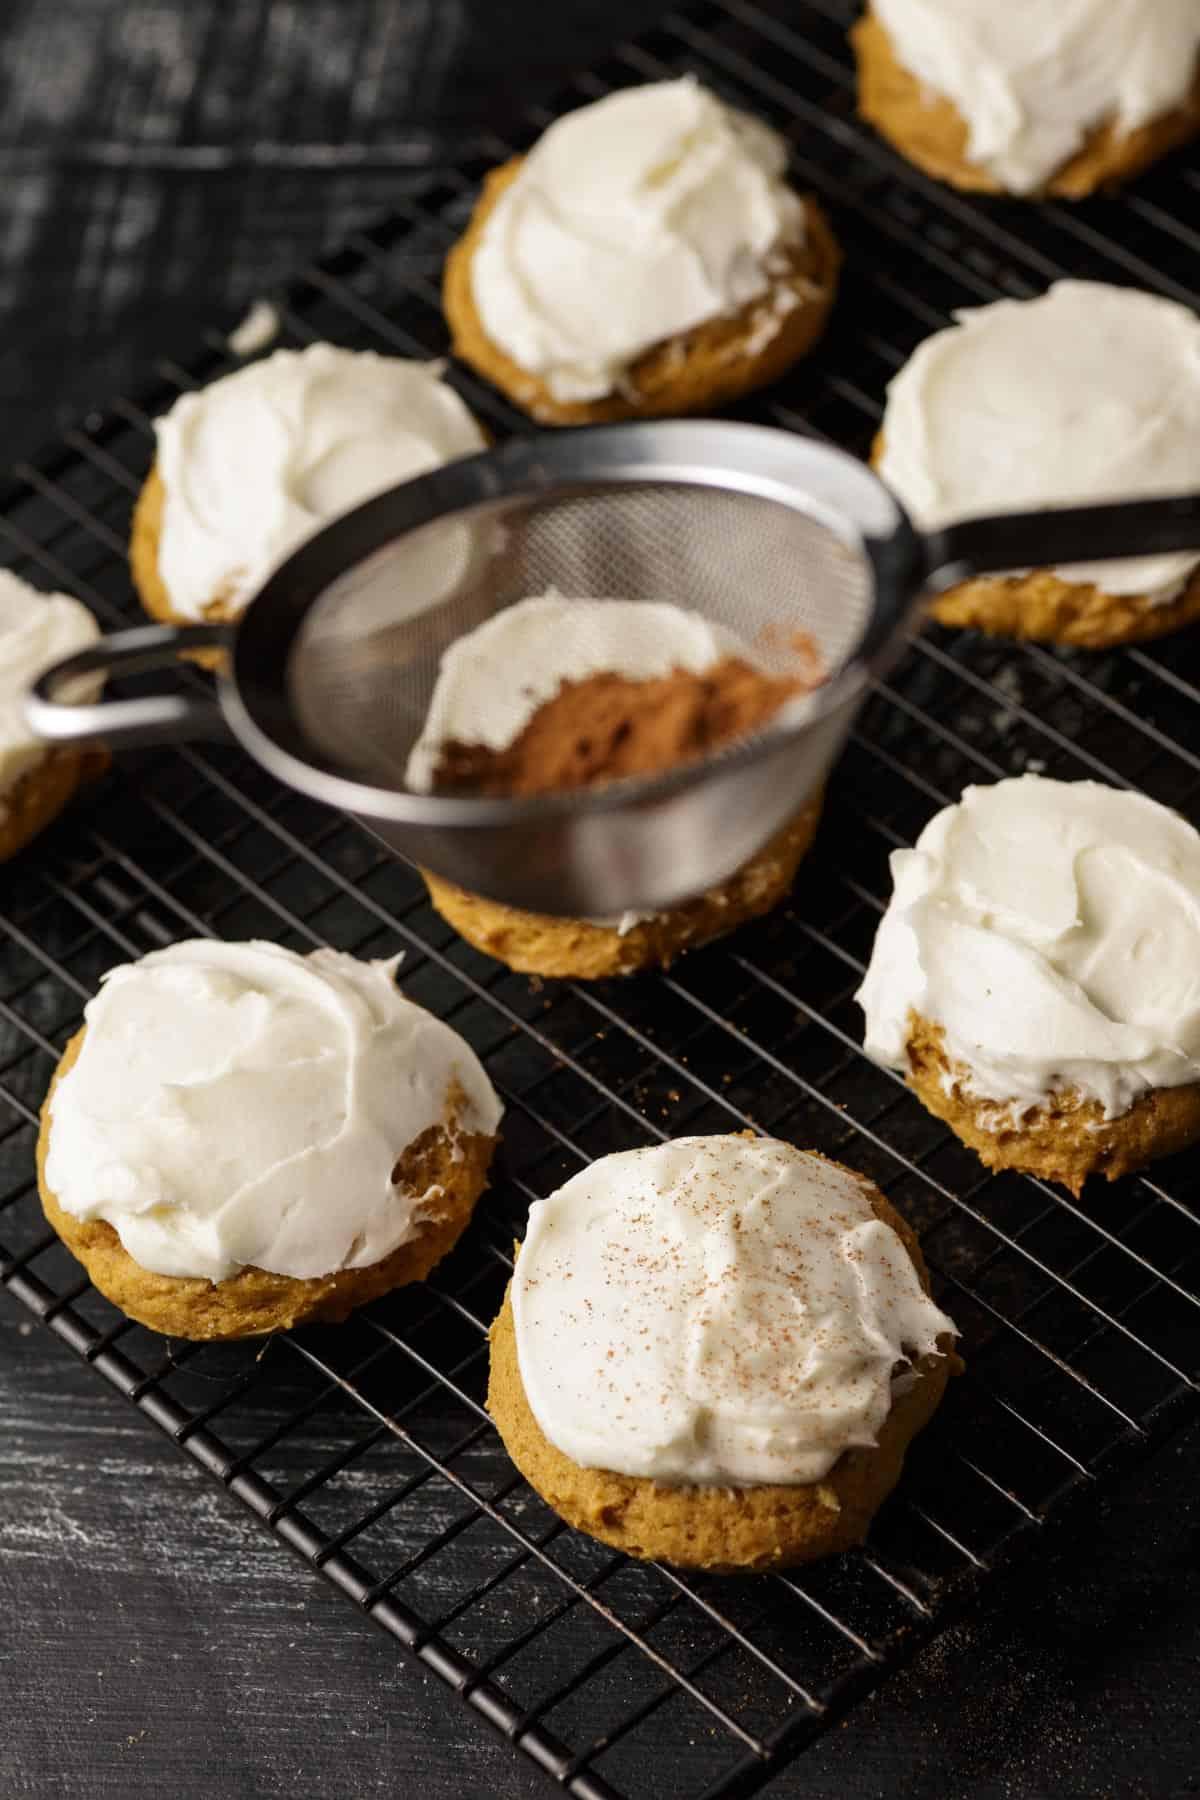 Pumpkin spice being sprinkled on cookies